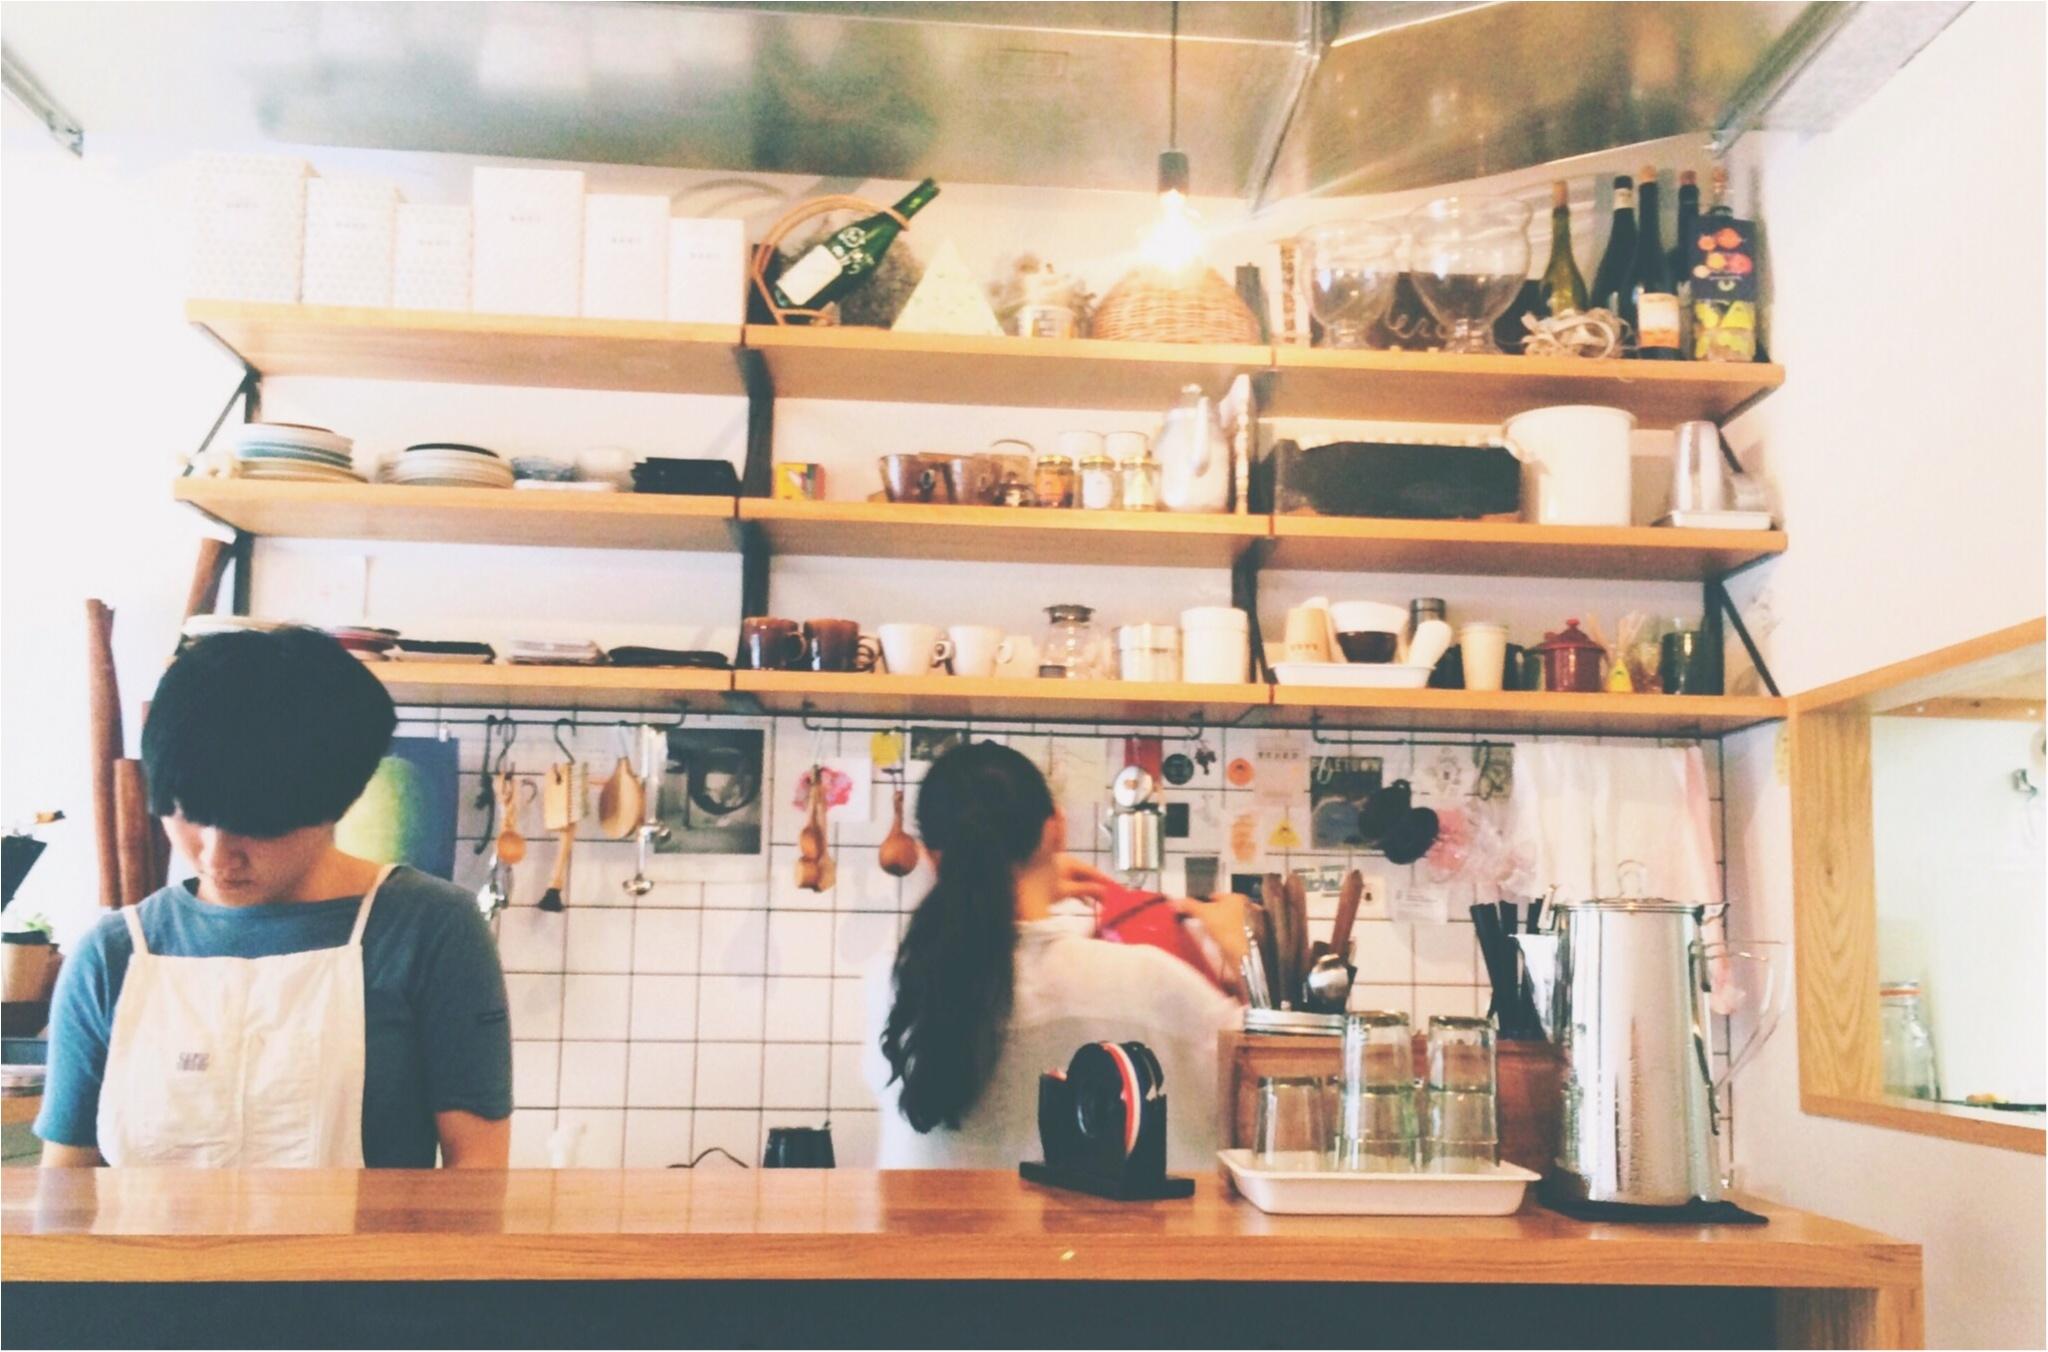 【*世田谷カフェ巡り*】三連休は近場でひと休み。ゆるりローカル散歩♪_5